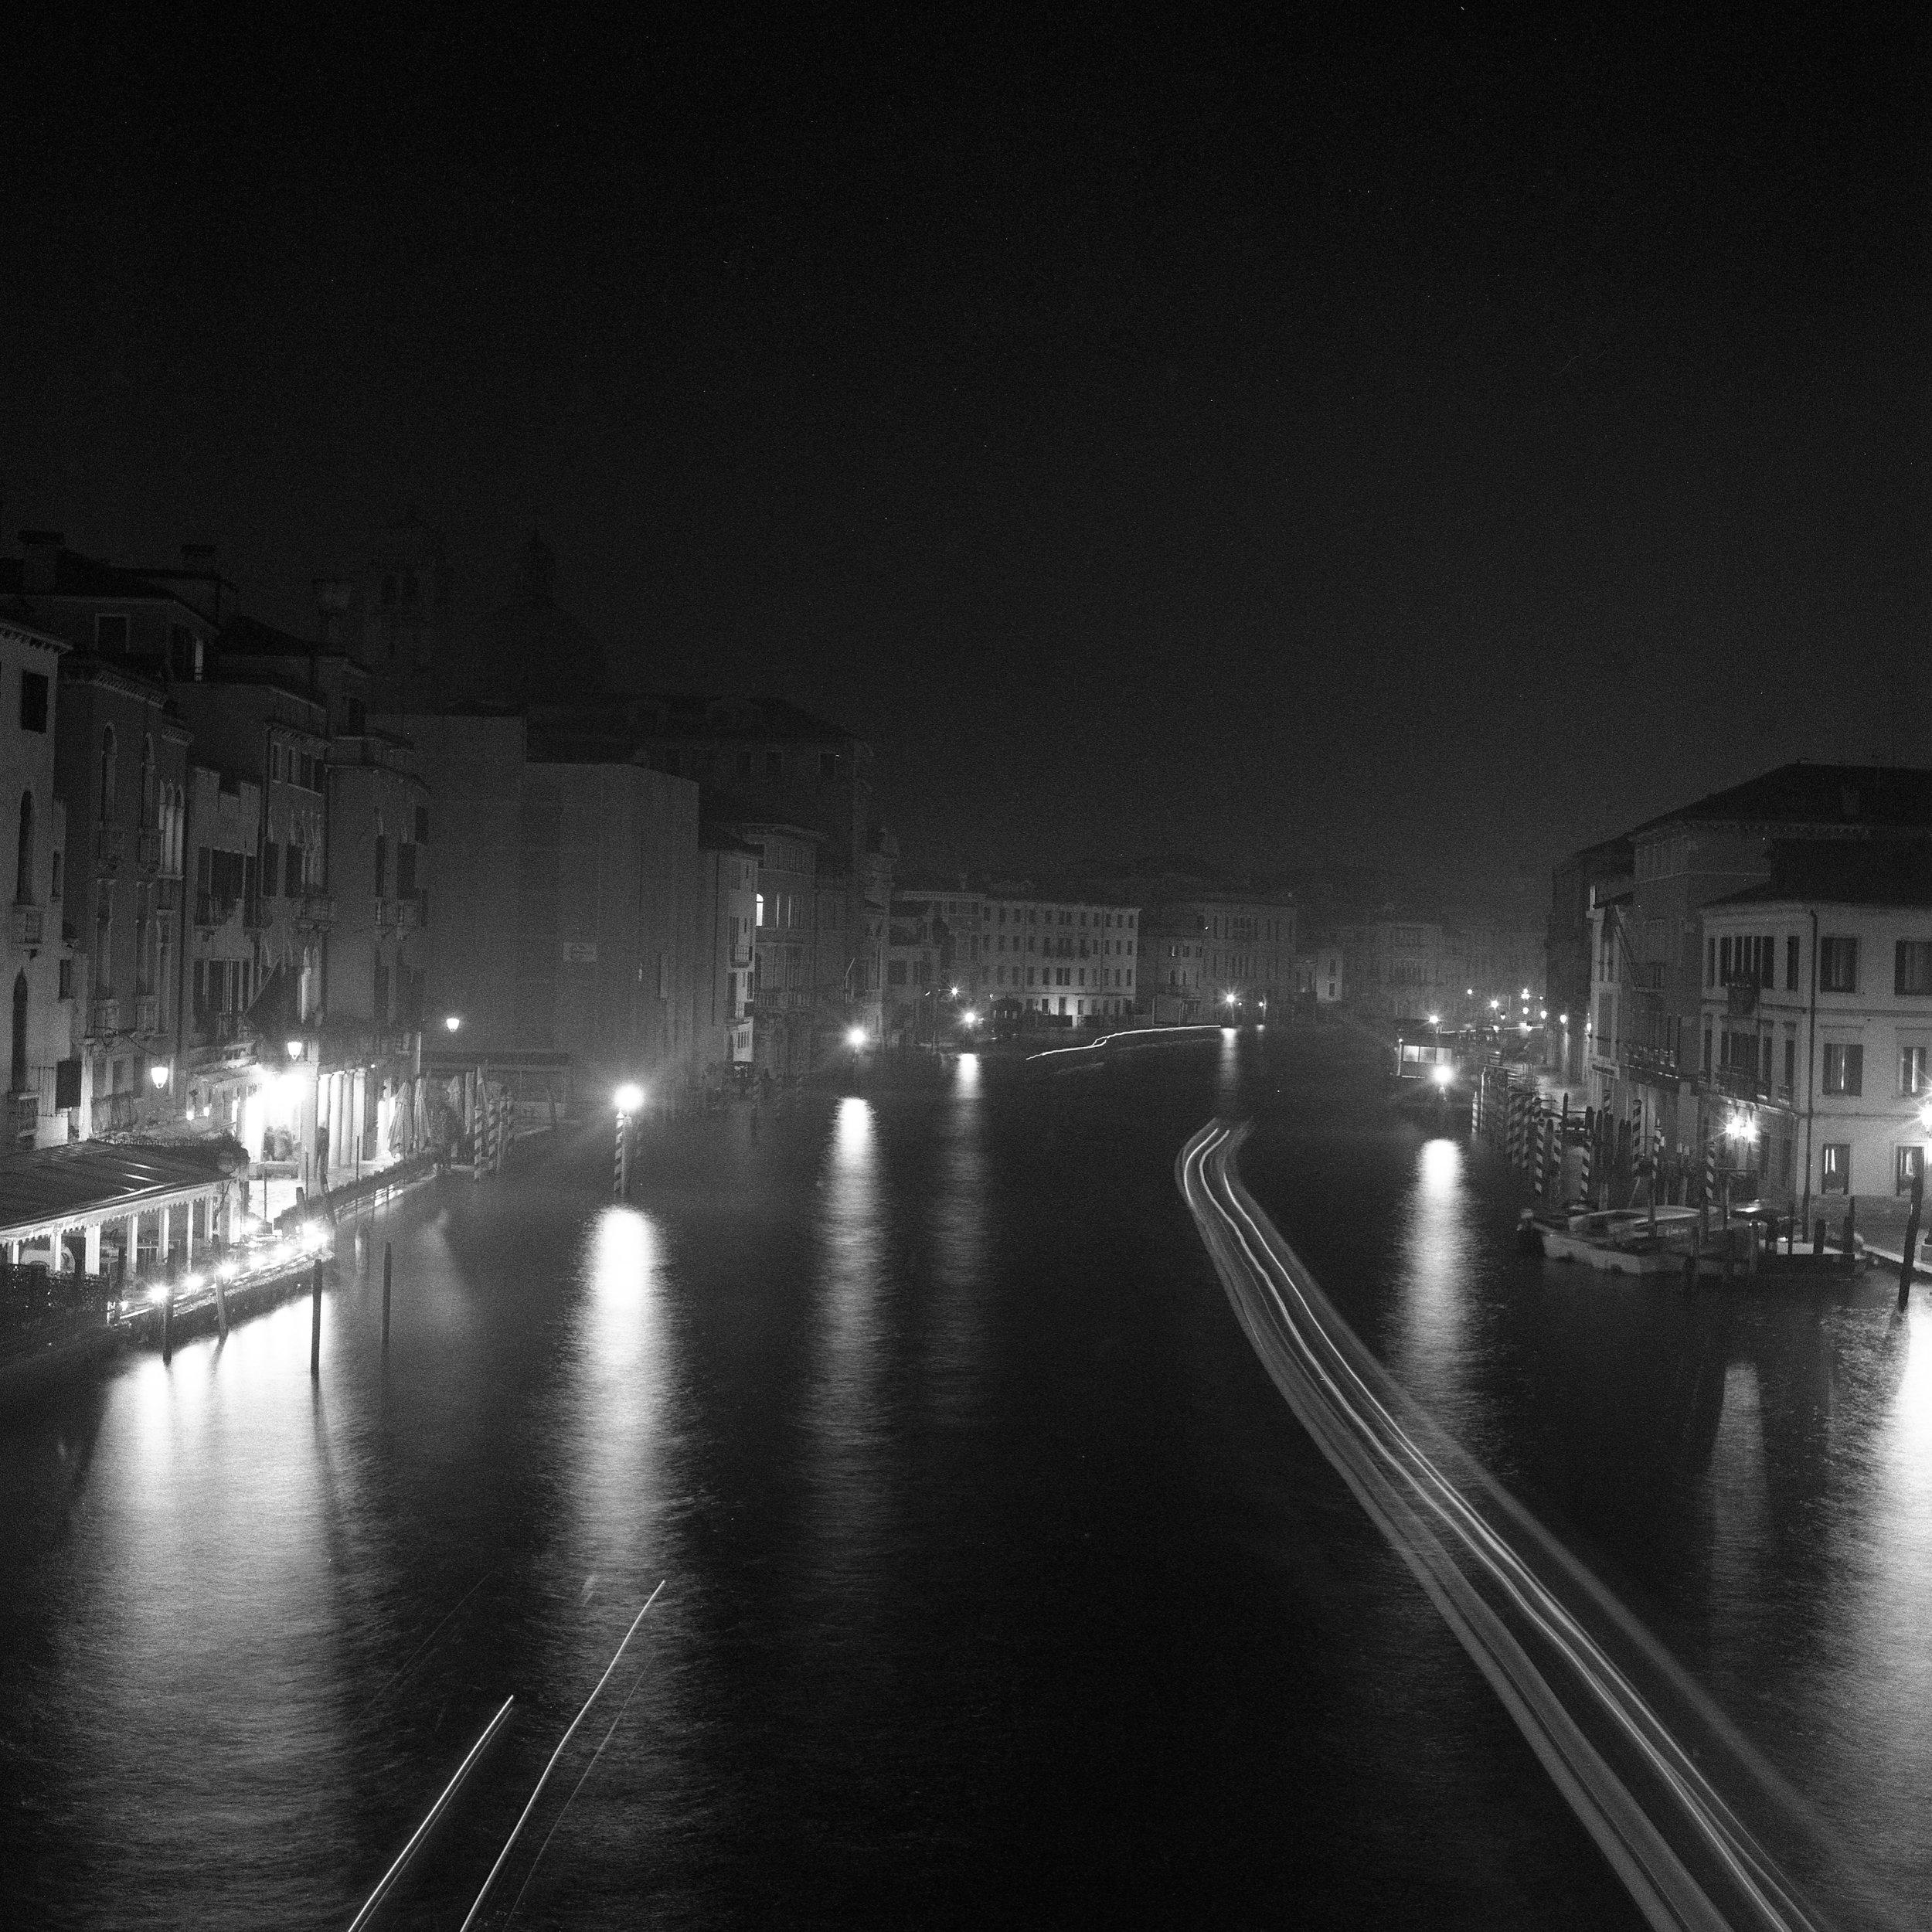 Venice Hasselblad 501c | Bergger Pancro 400